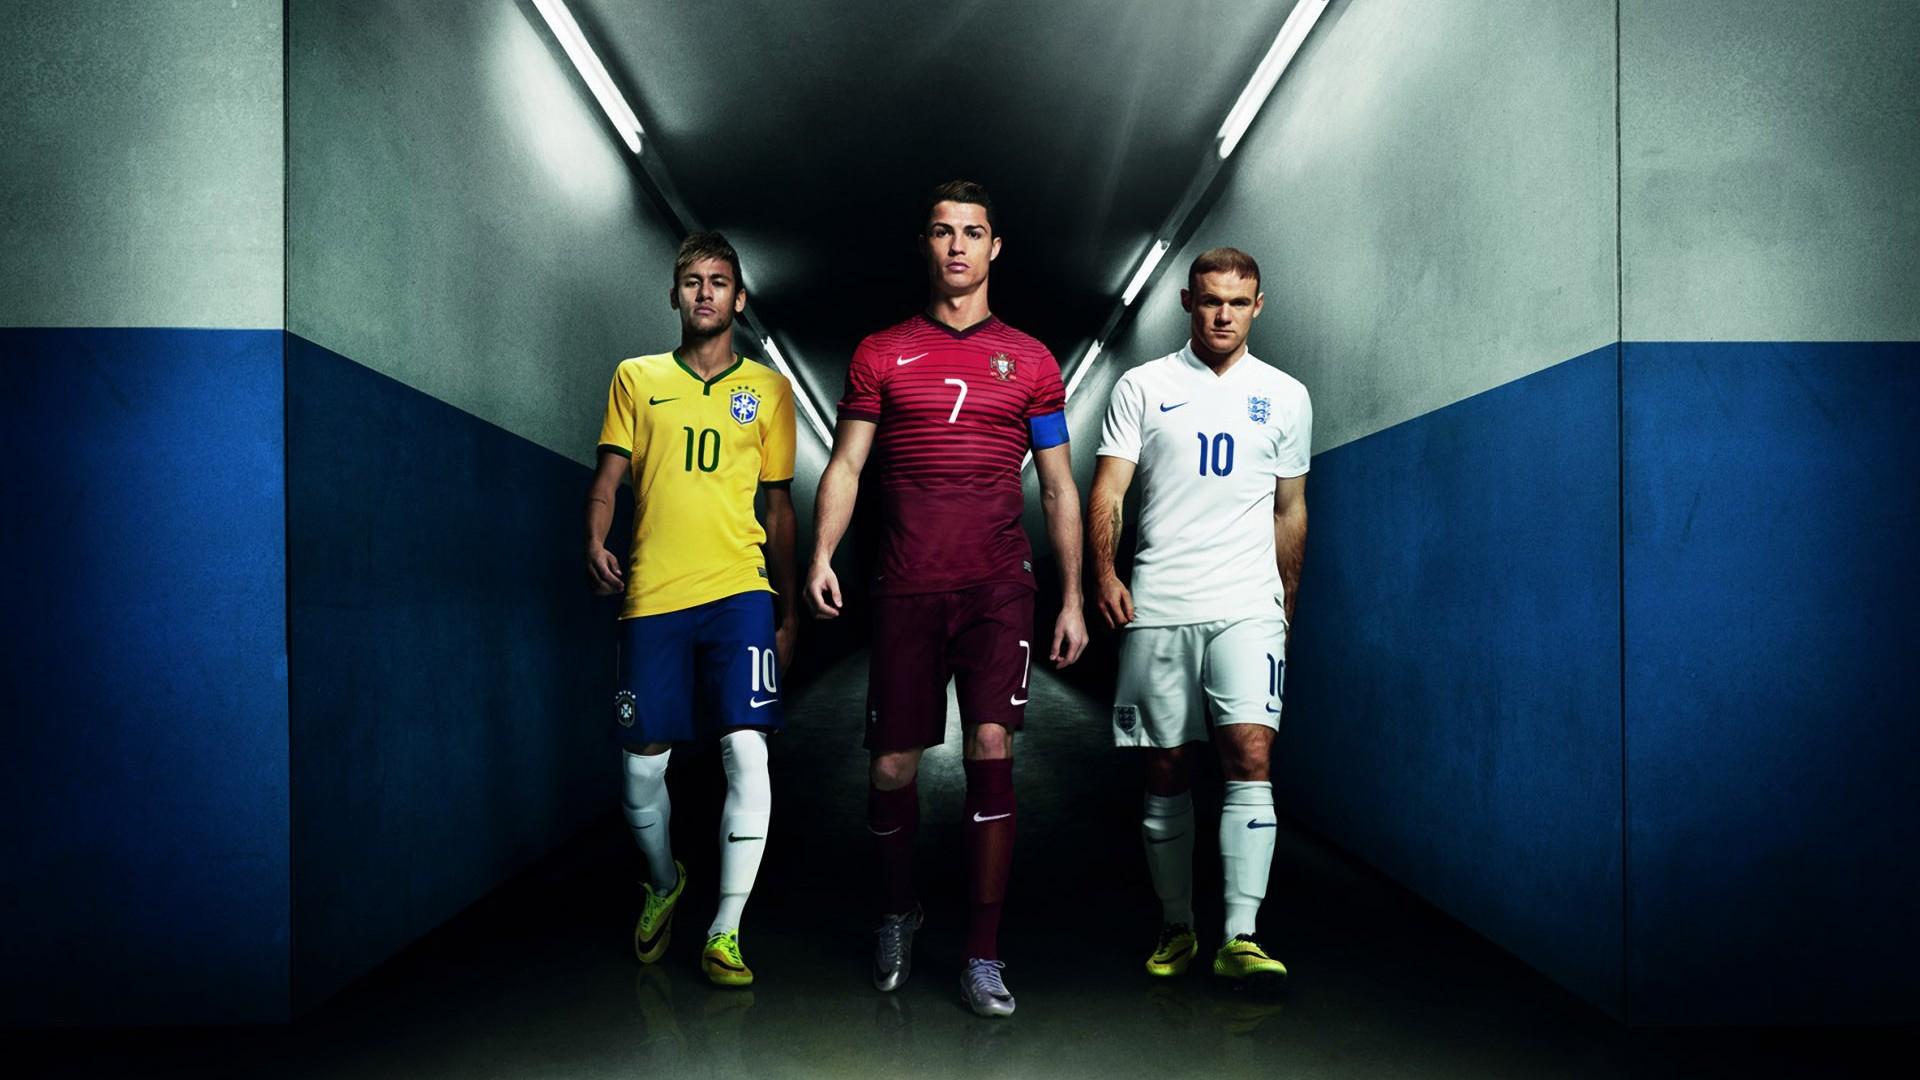 Neymar, Ronaldo, and Rooney - Nike wallpaper